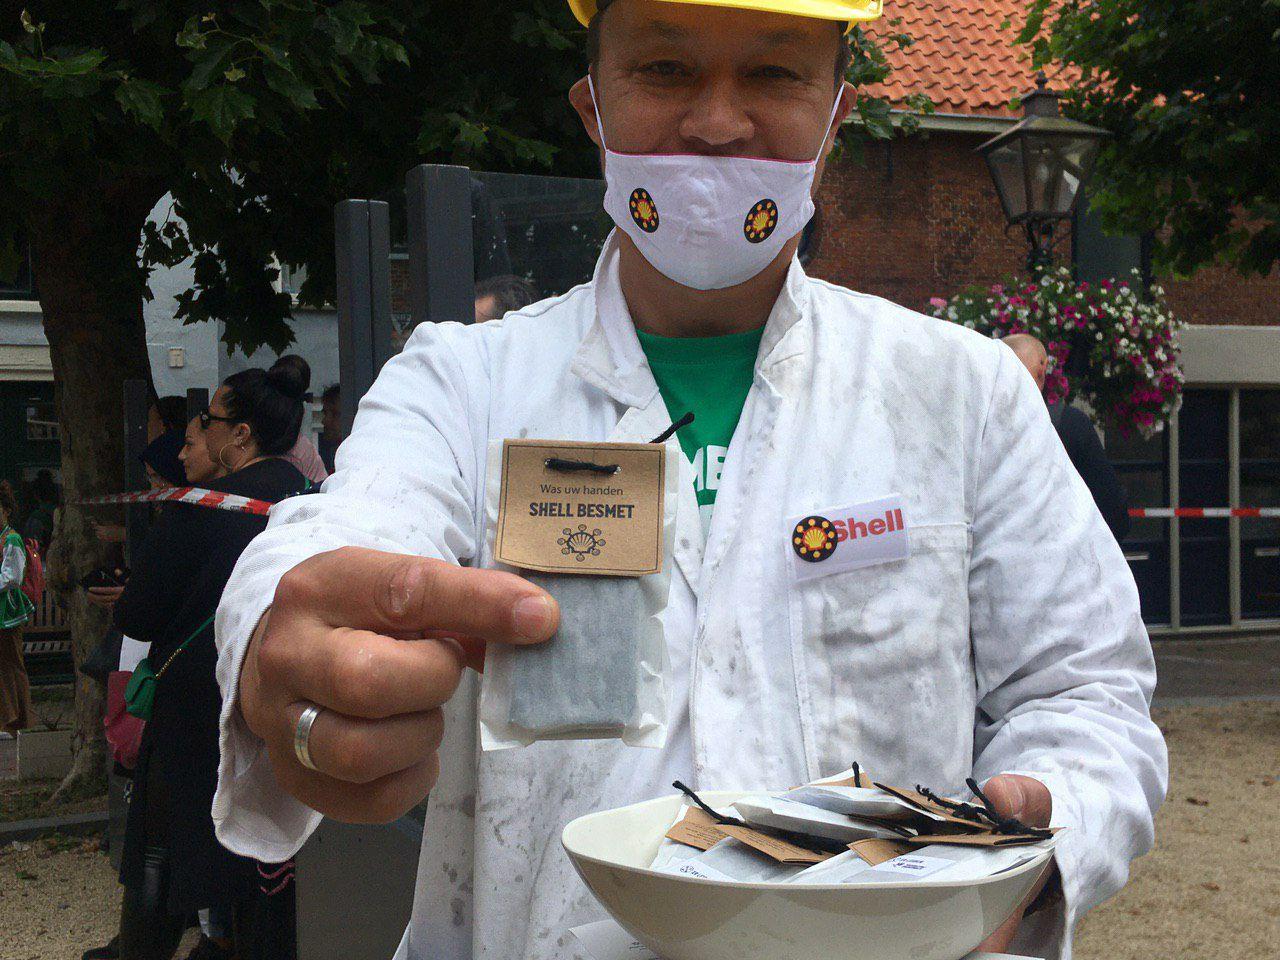 Actie relatie Museum Boerhaave Shell sponsor